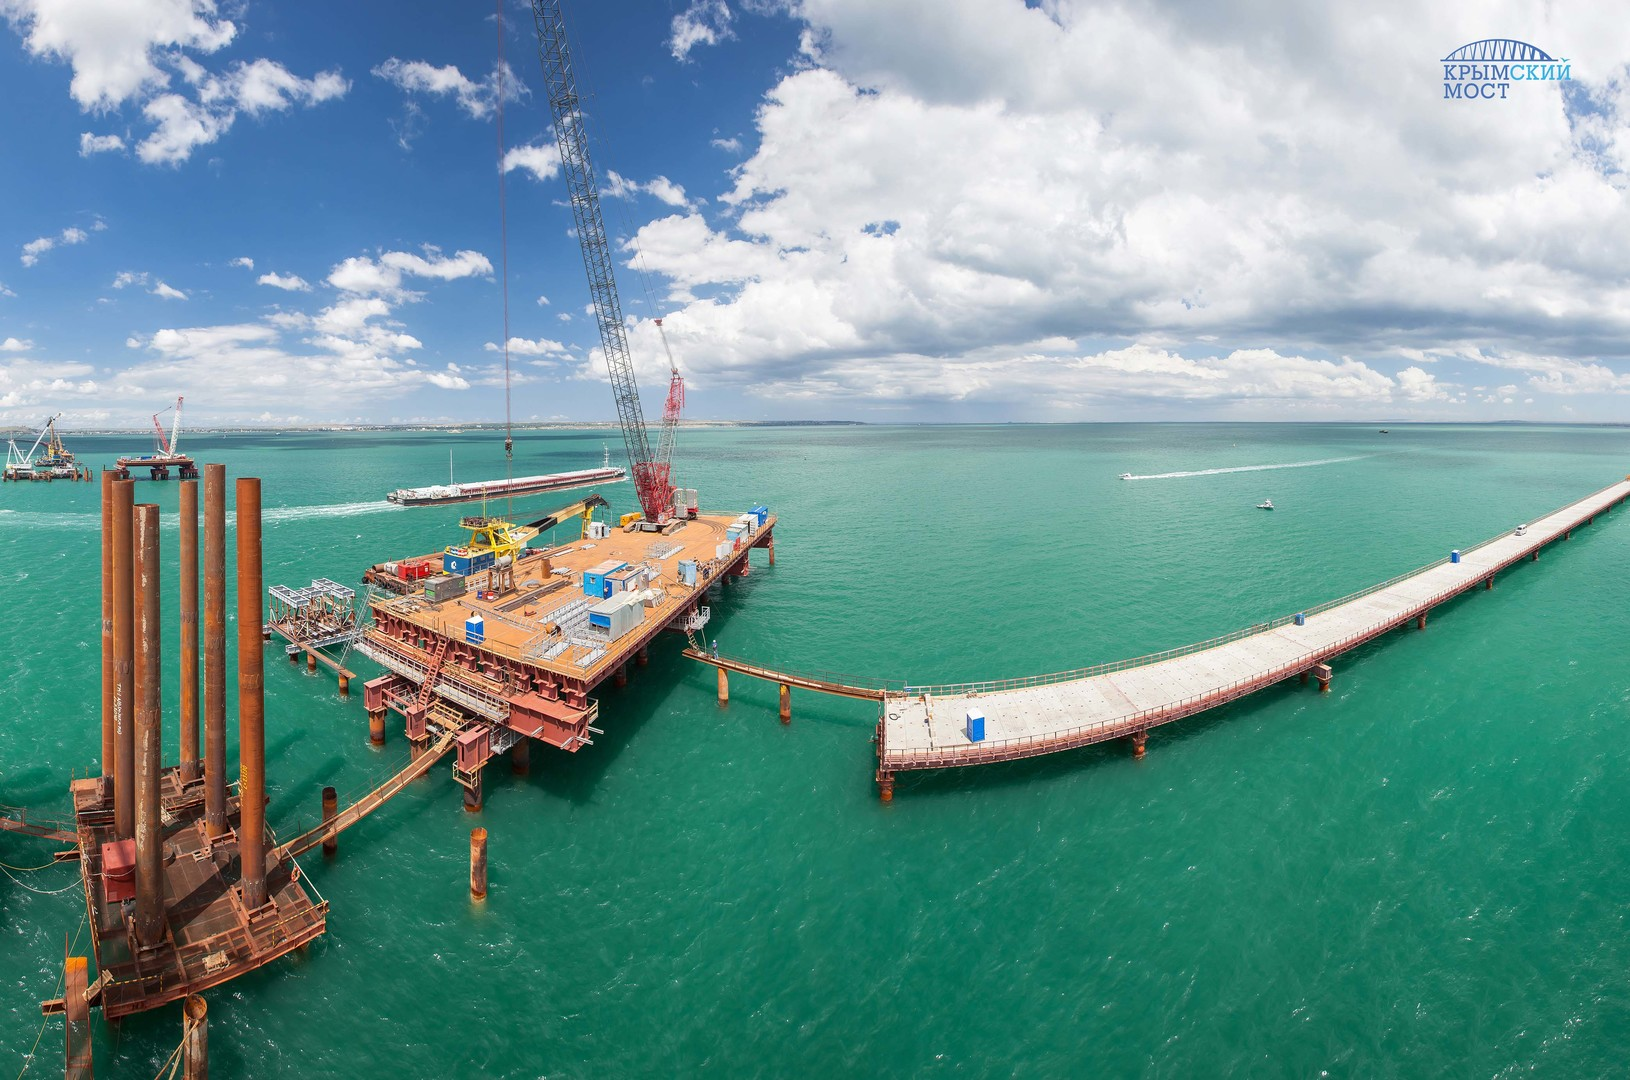 На высоте: в Крыму начали сооружать судоходную часть моста через Керченский пролив